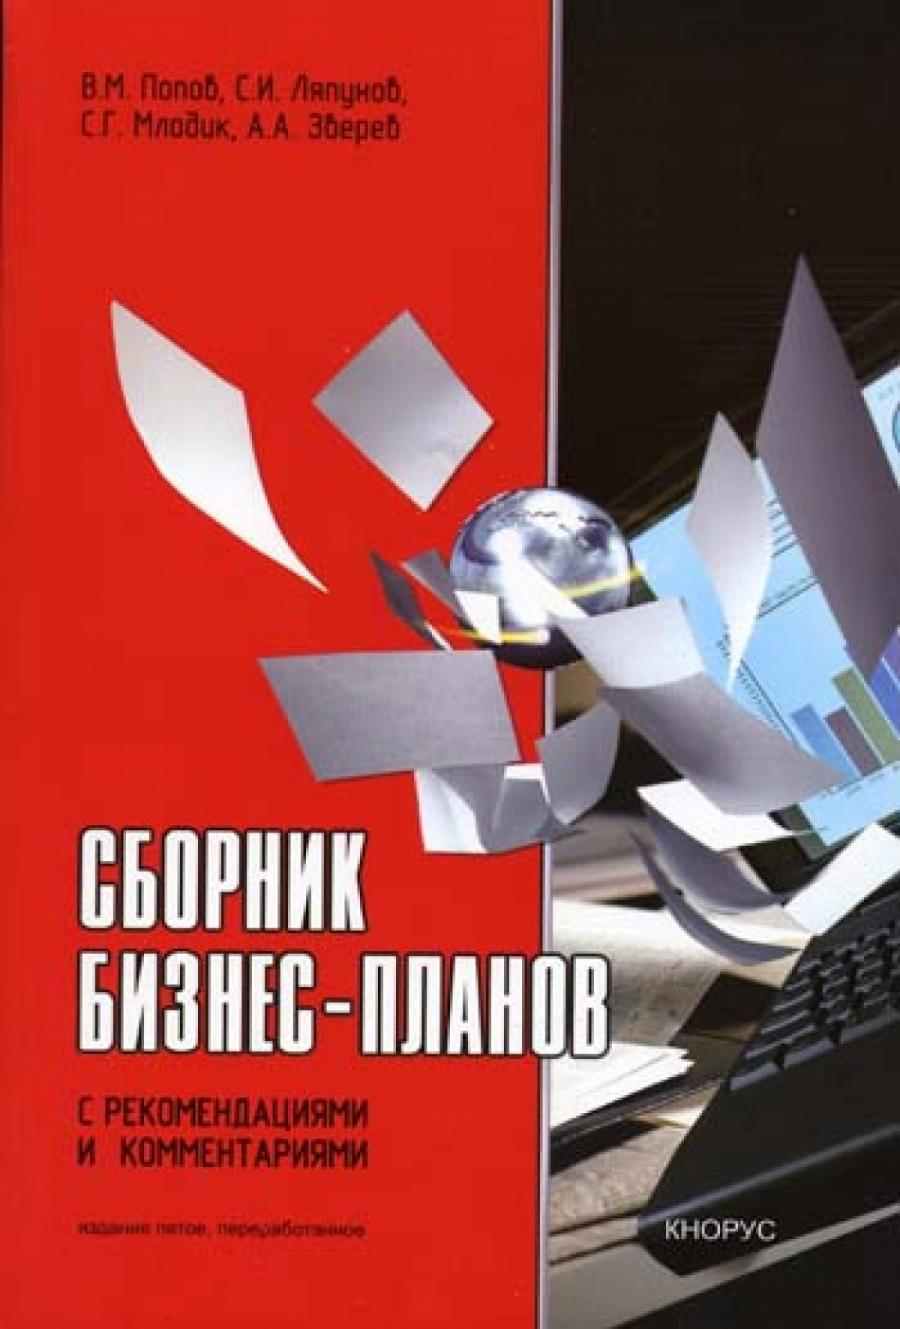 Сборник бизнес планов попова бесплатный бизнес план столовой